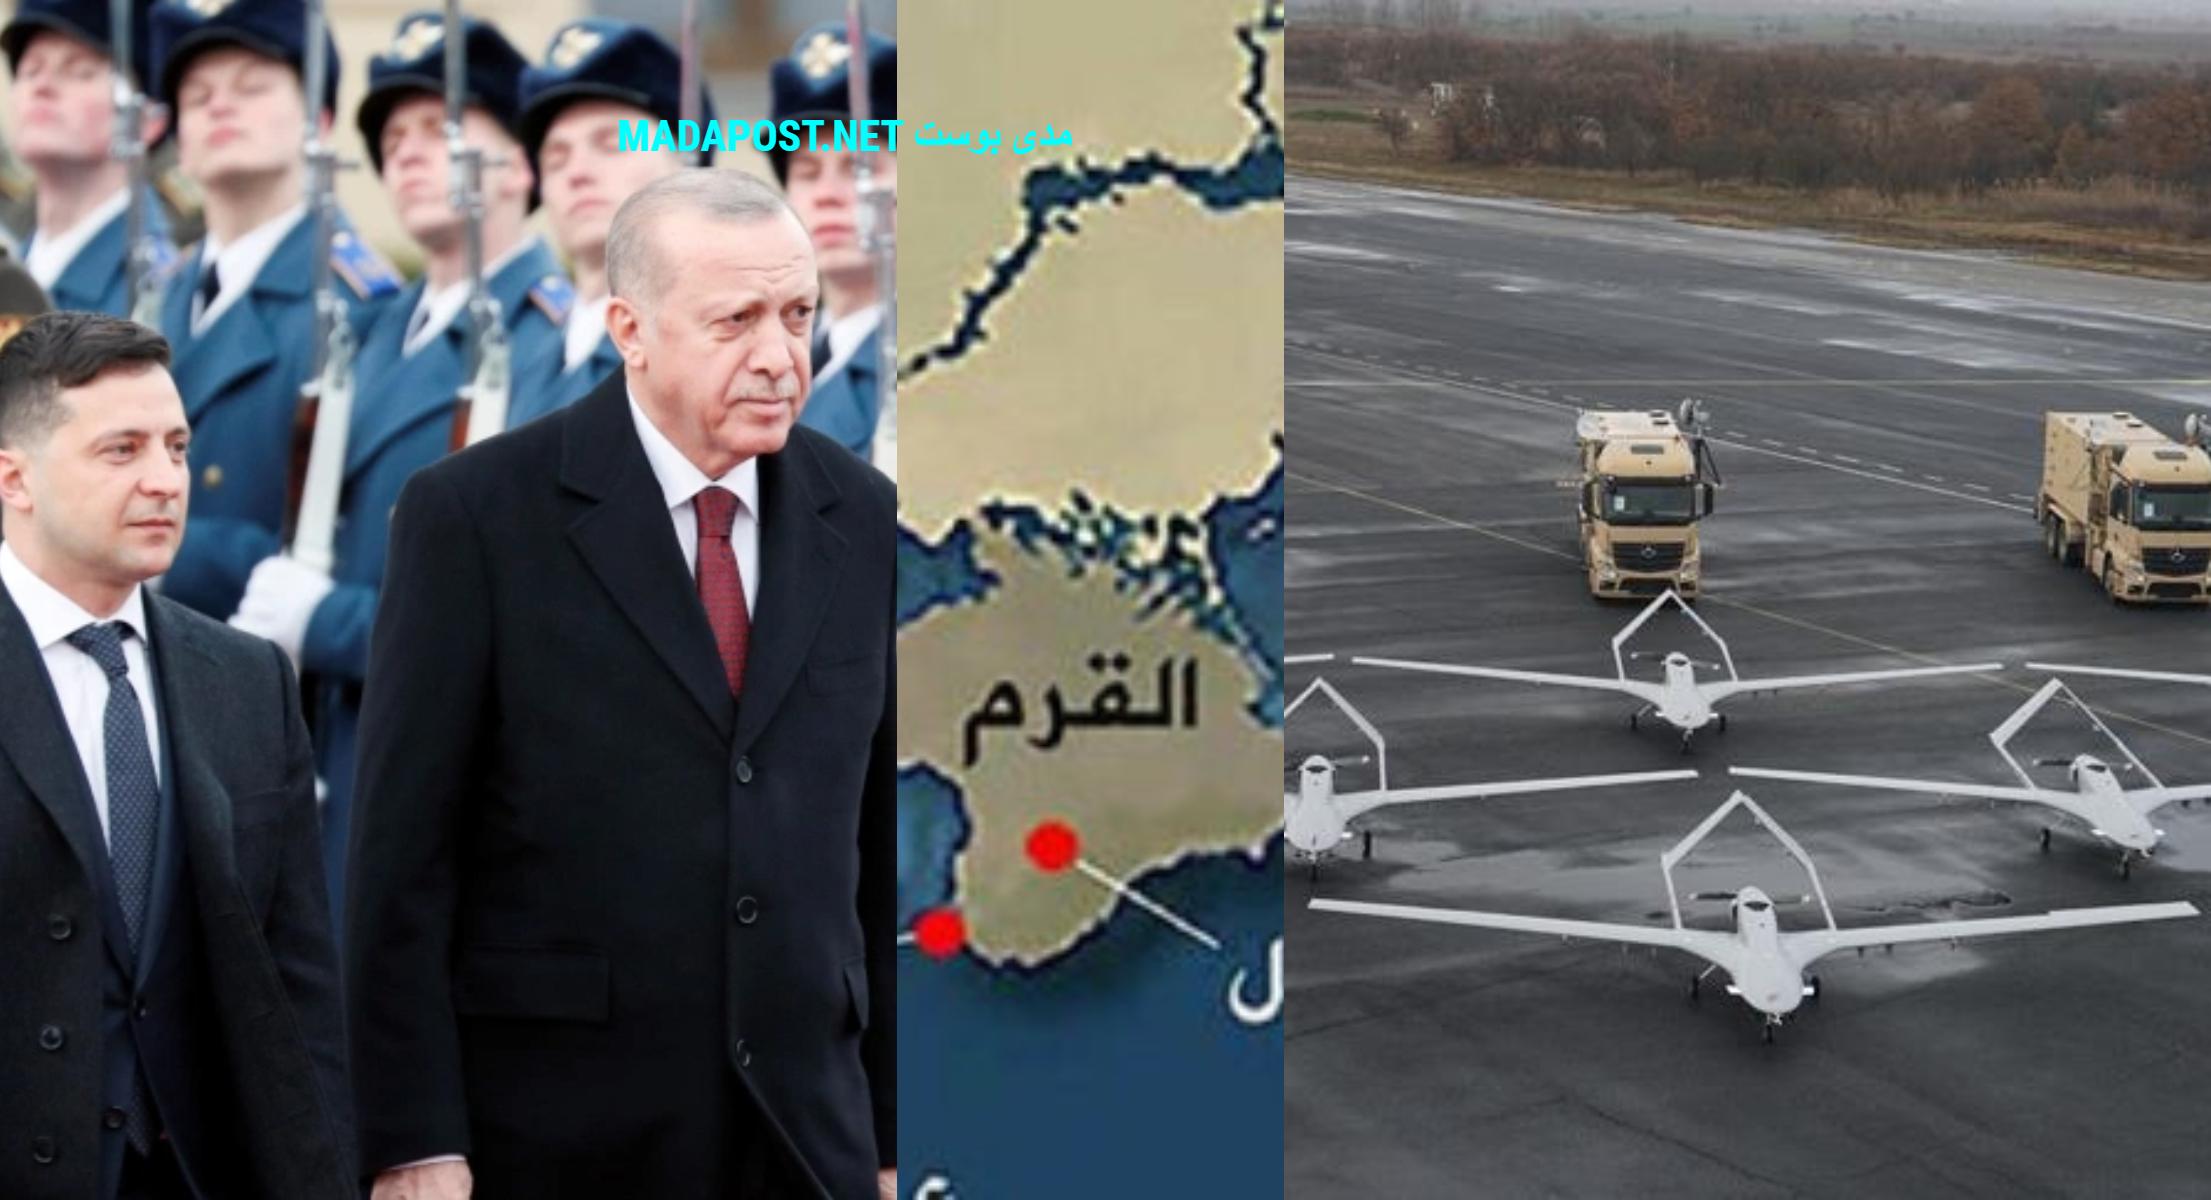 الرئيس التركي ونظيره الأوكراني يتباحثان حول القرم وطائرات بيرقدار